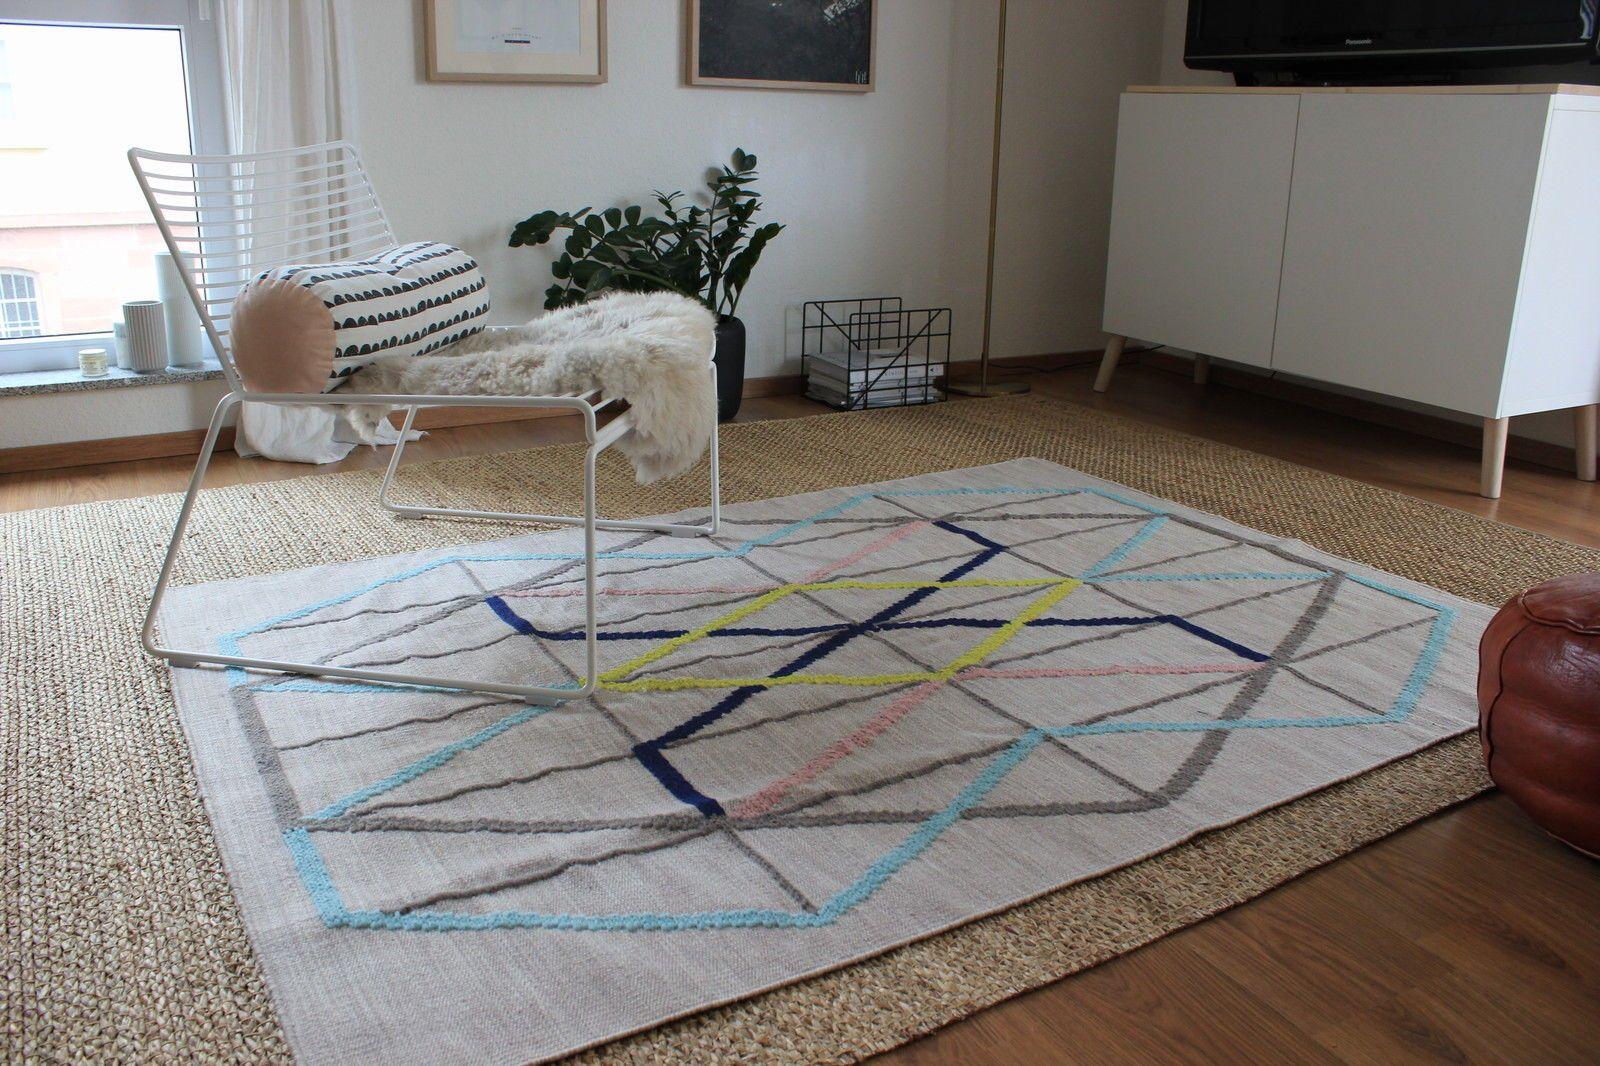 Wunderschöner Wollteppich Ikea Ps 2014 Pastell Geometrisch Handarbeit Carpet Ikea Wollteppich Teppich